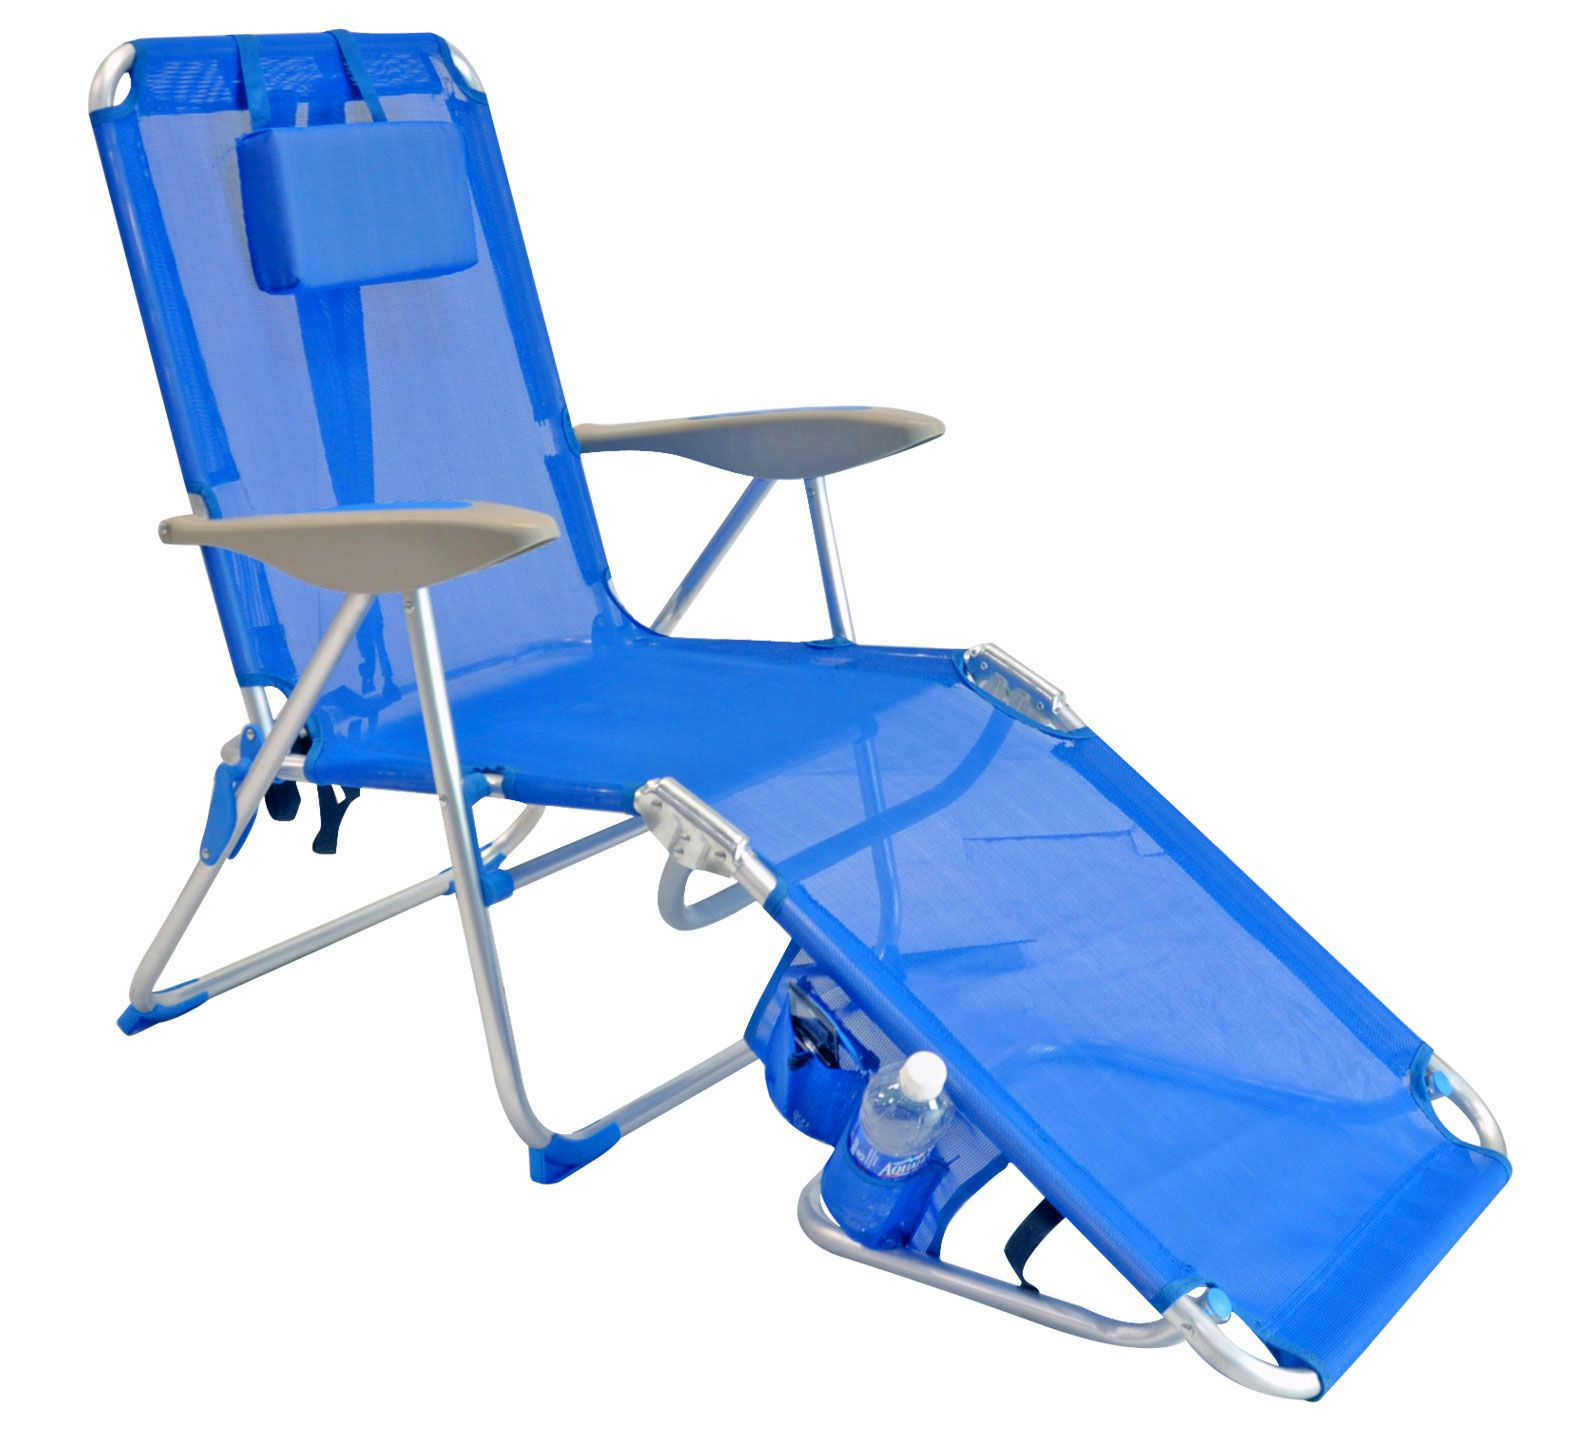 Cheap Camping Chair Price Beach Lounge Chair Beach Chair Umbrella